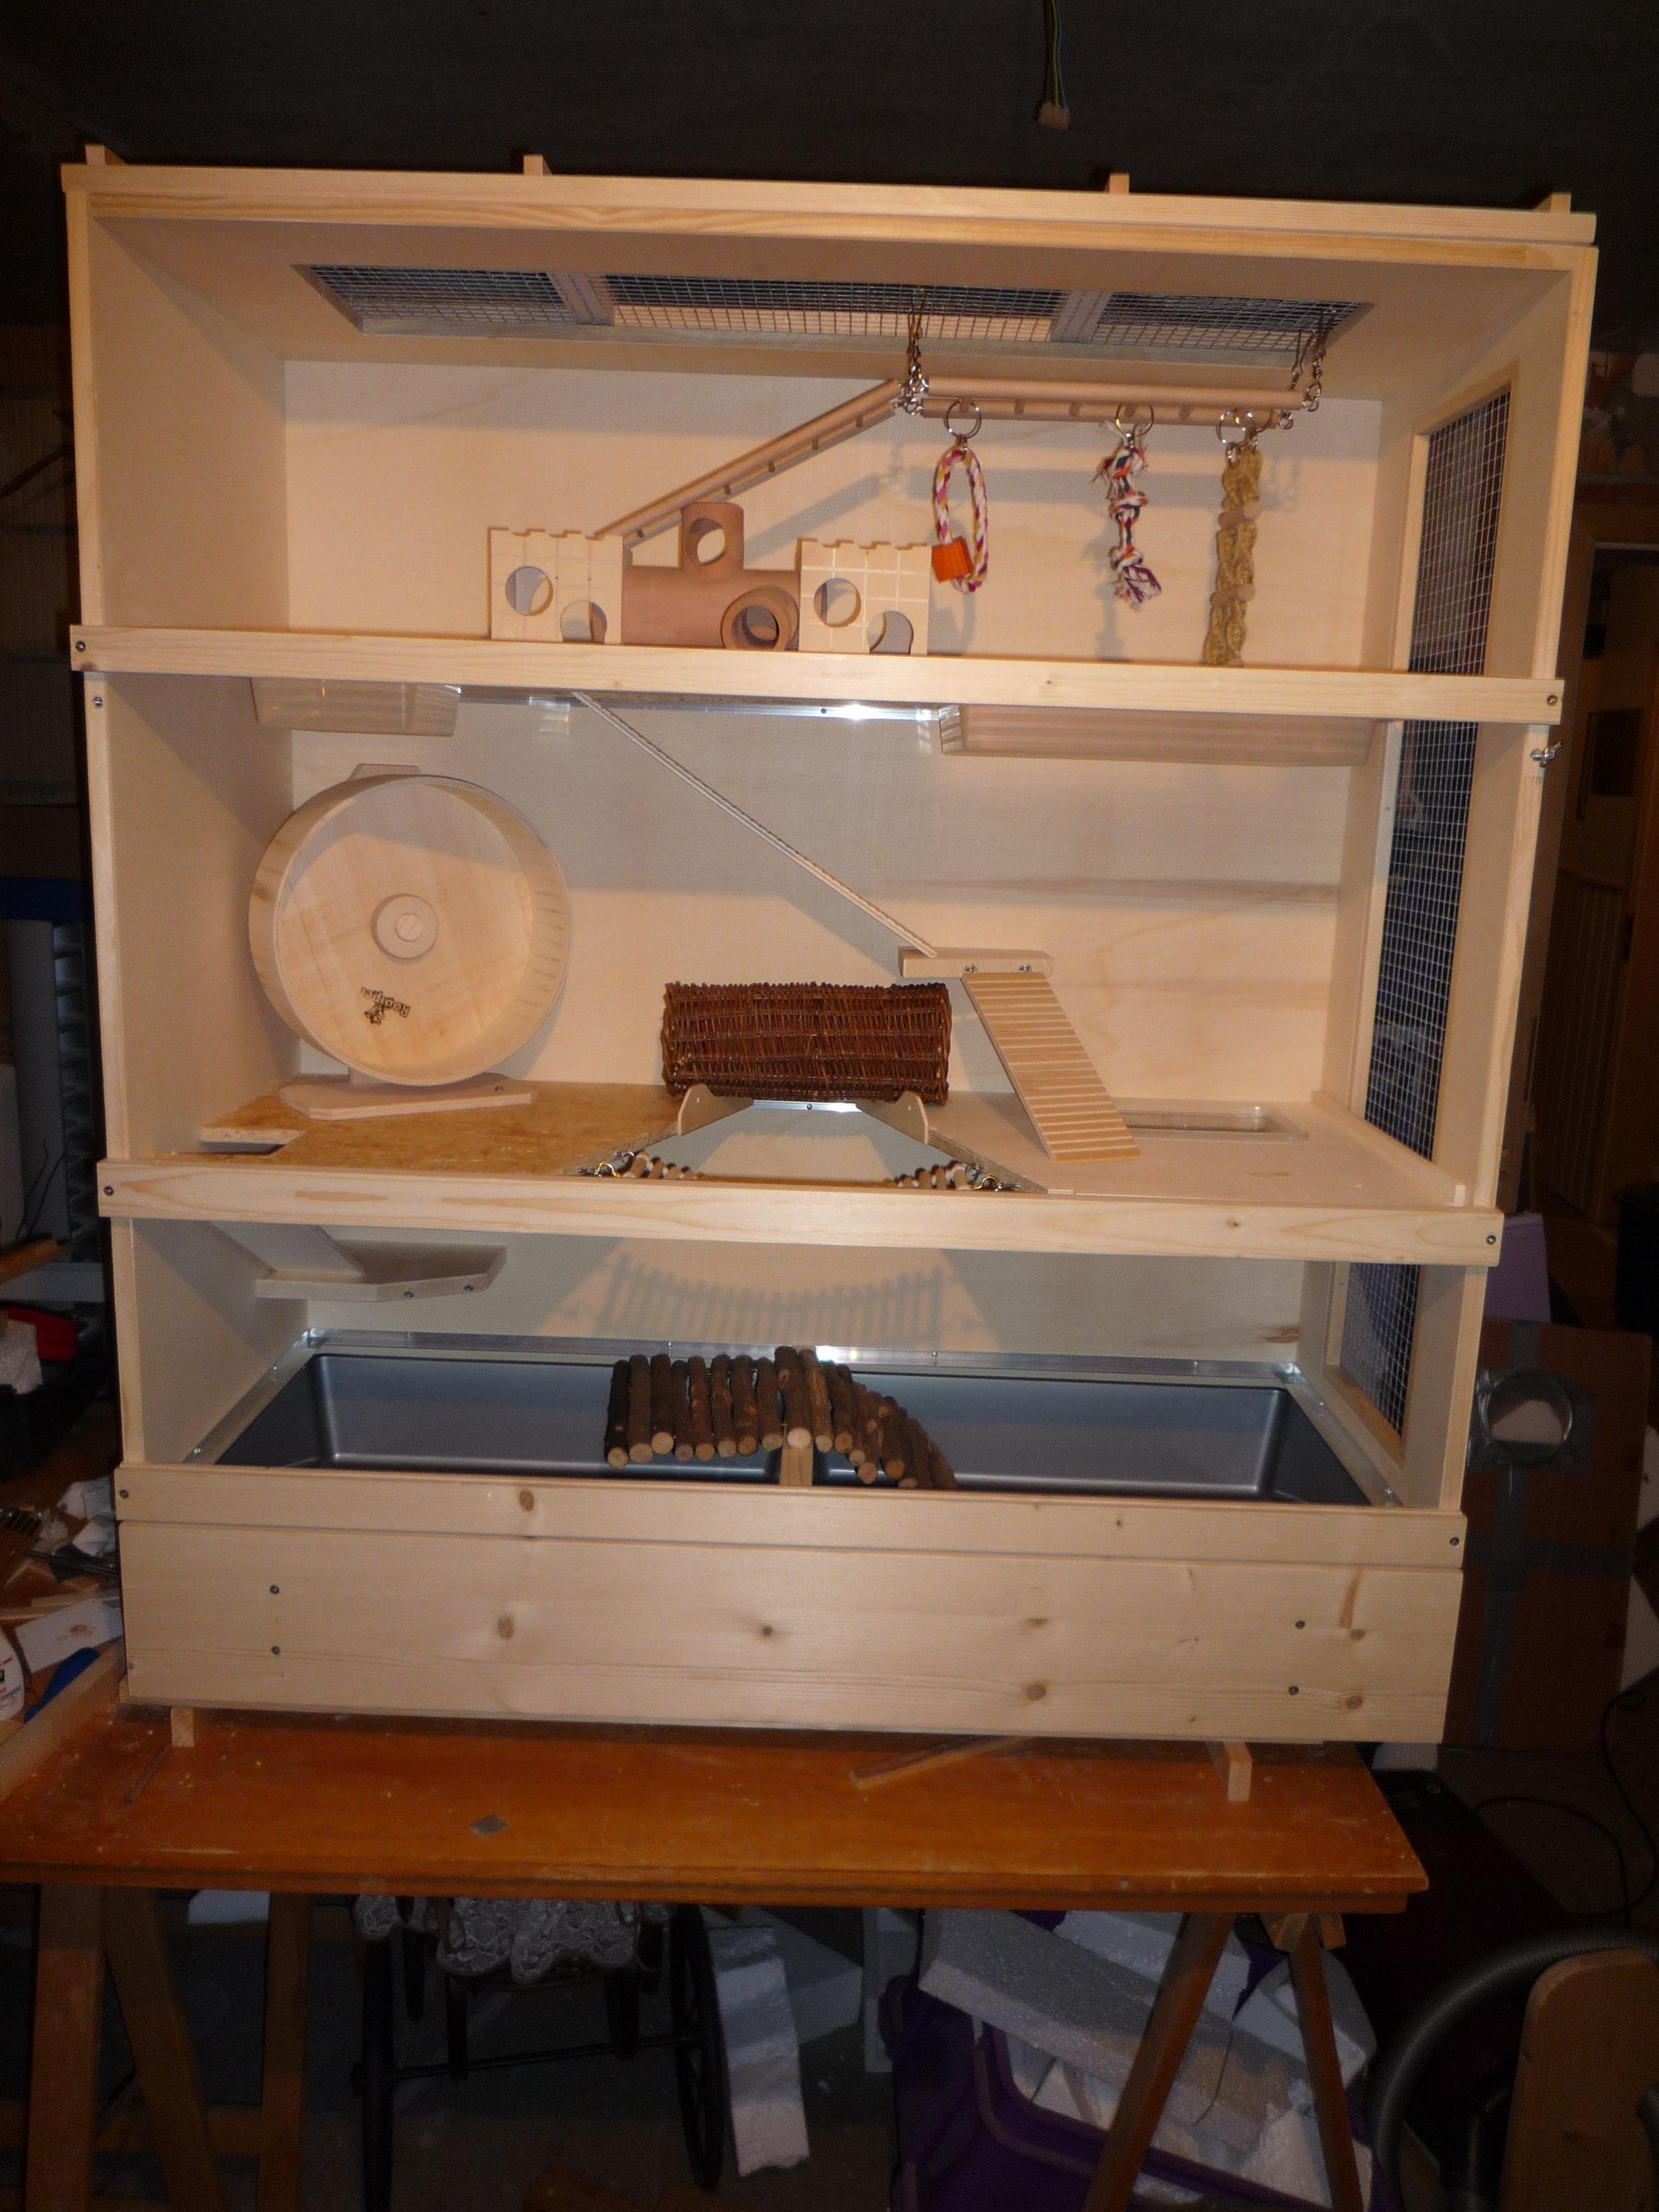 biete sonstiges hamster k fige marke eigenbau. Black Bedroom Furniture Sets. Home Design Ideas